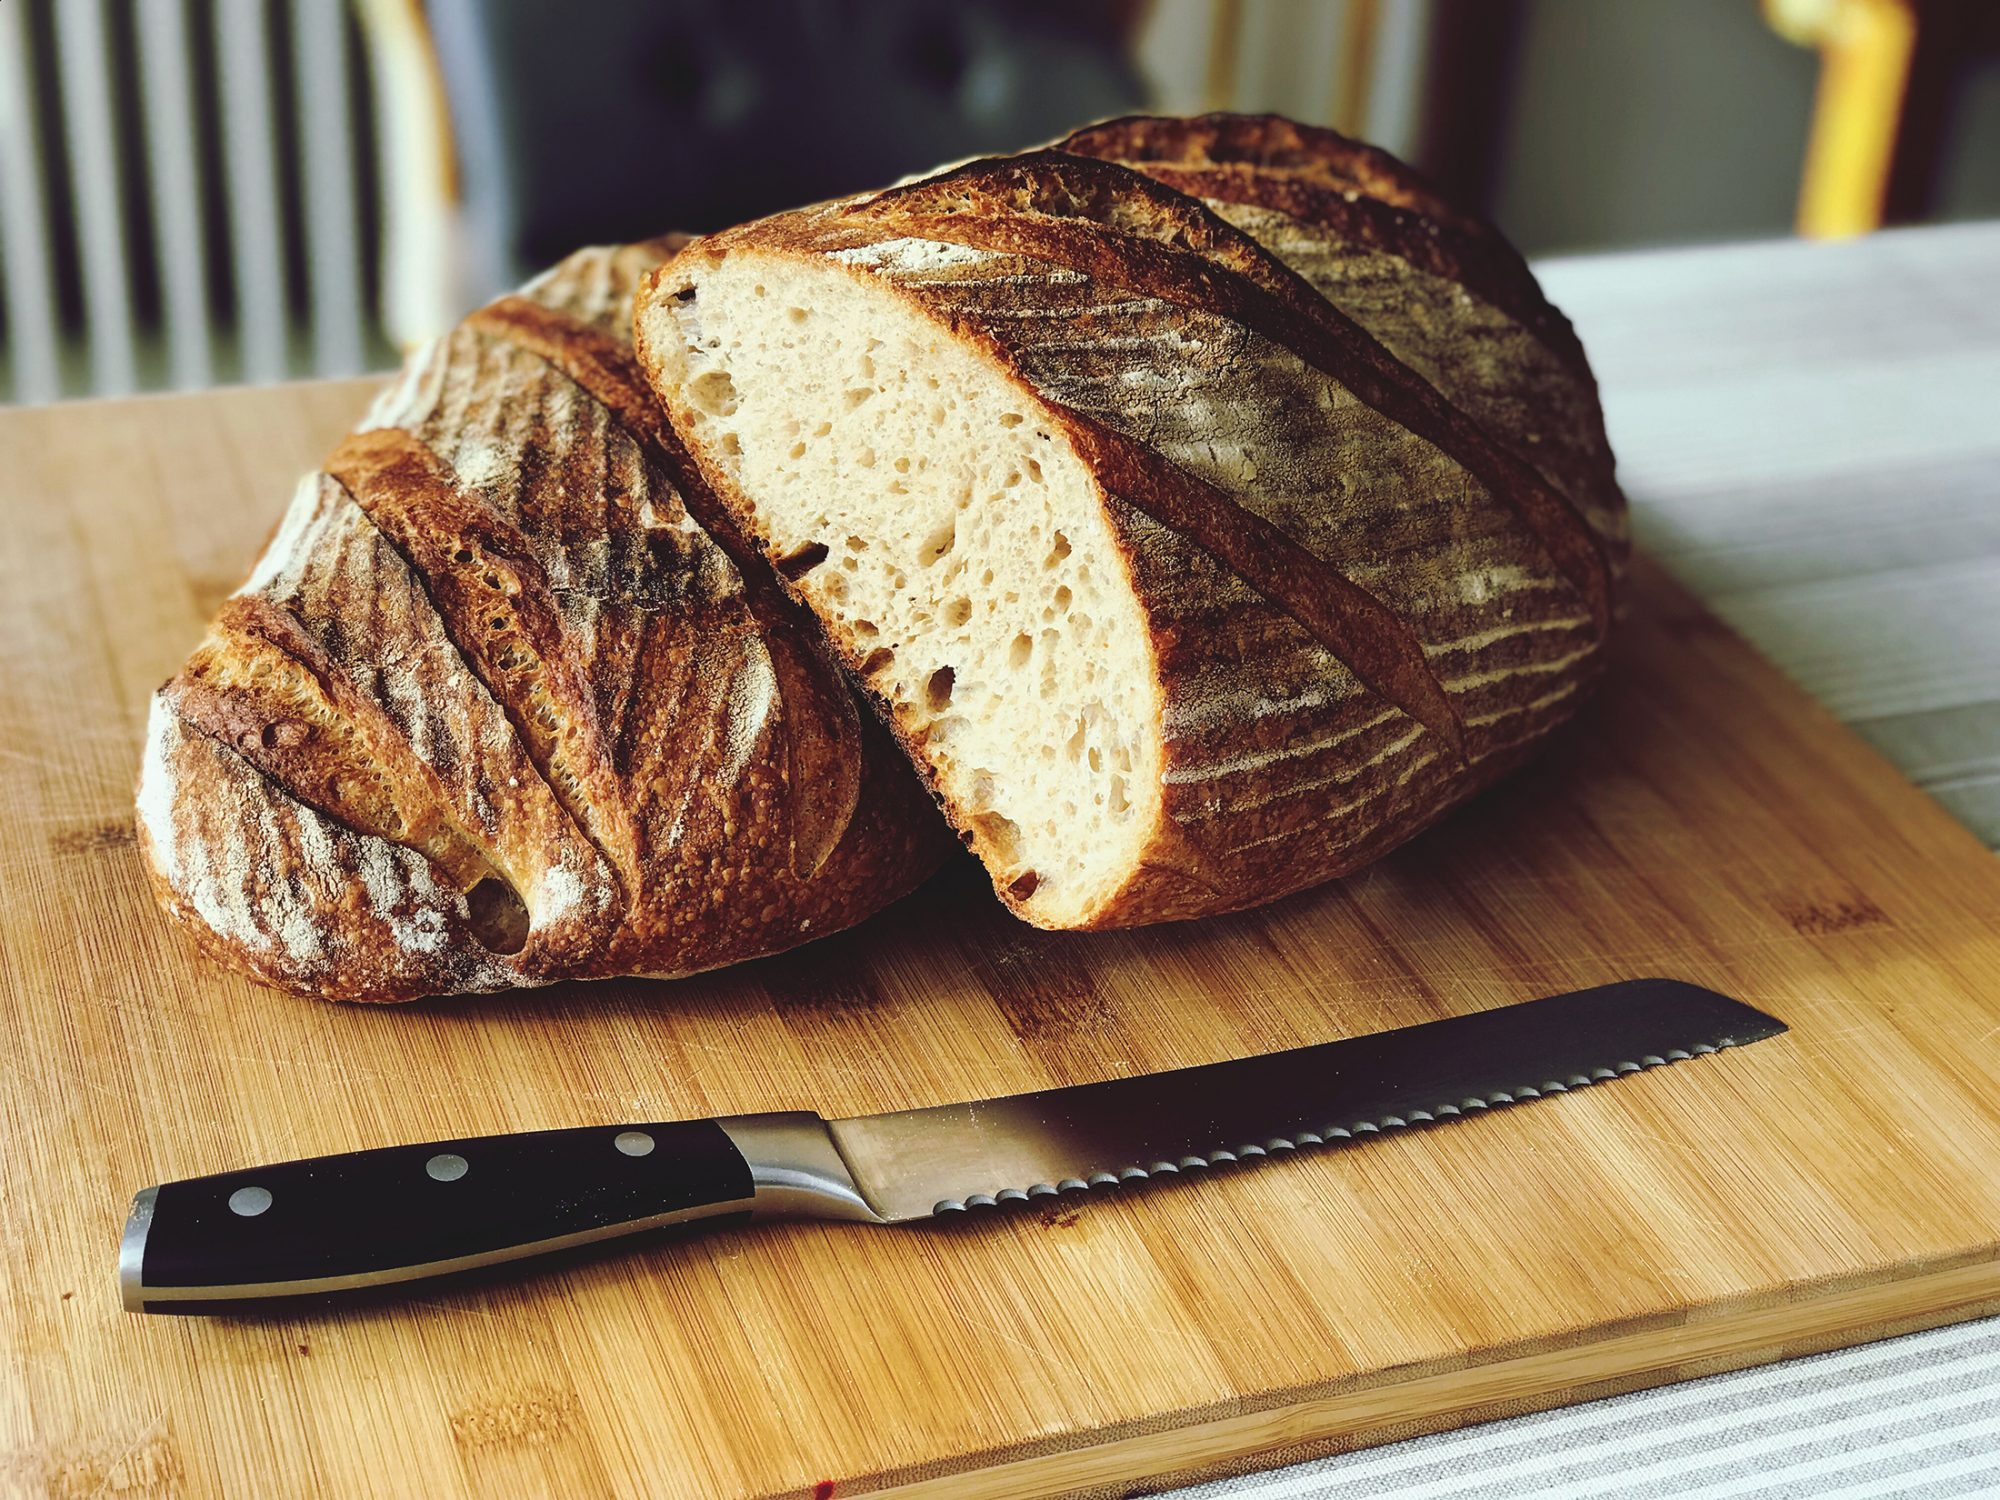 bread-on-cutting-board-1183163054.jpg